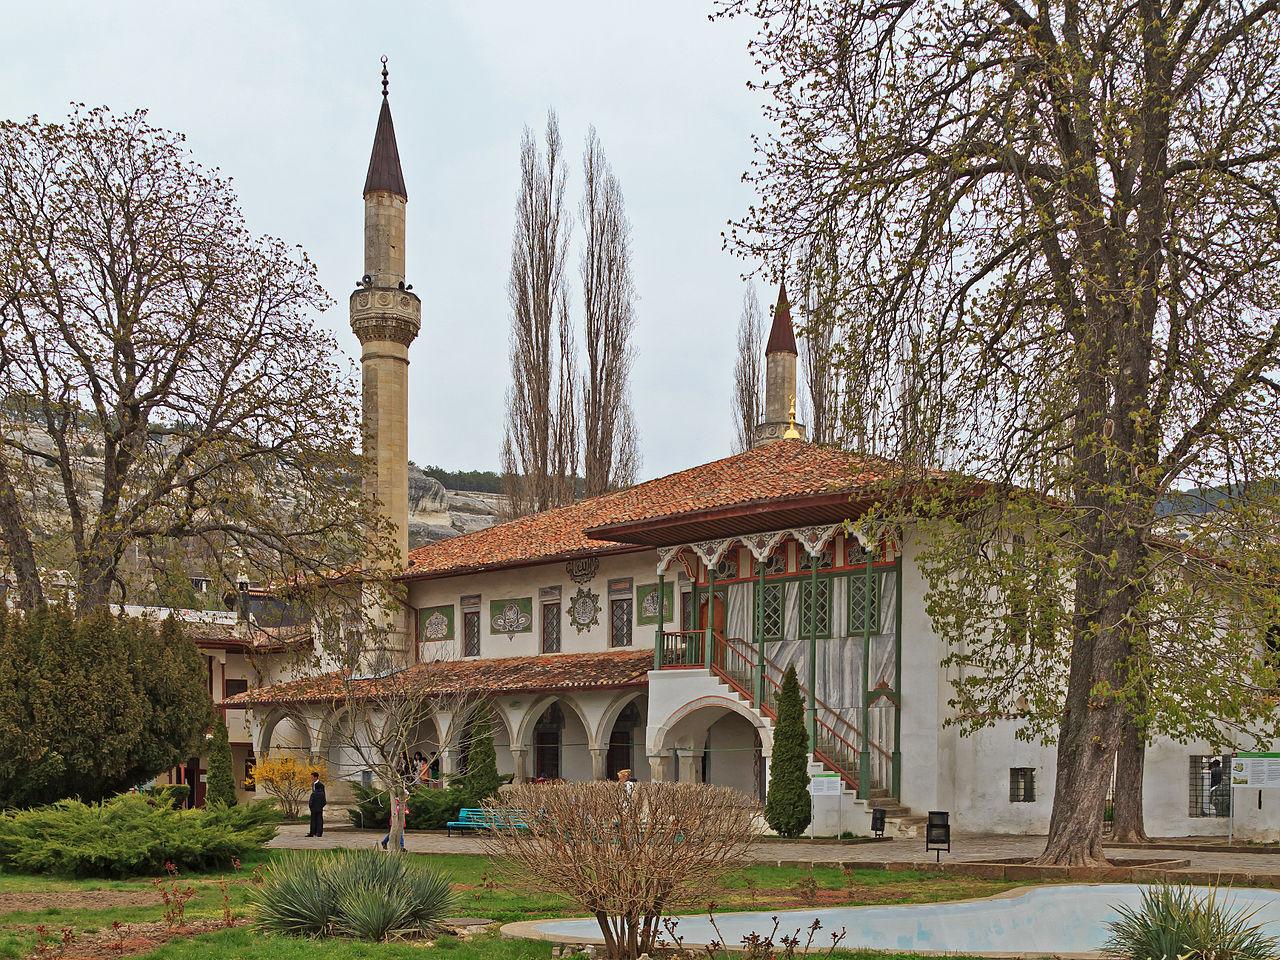 Бахчисарайский дворец, Большая ханская мечеть